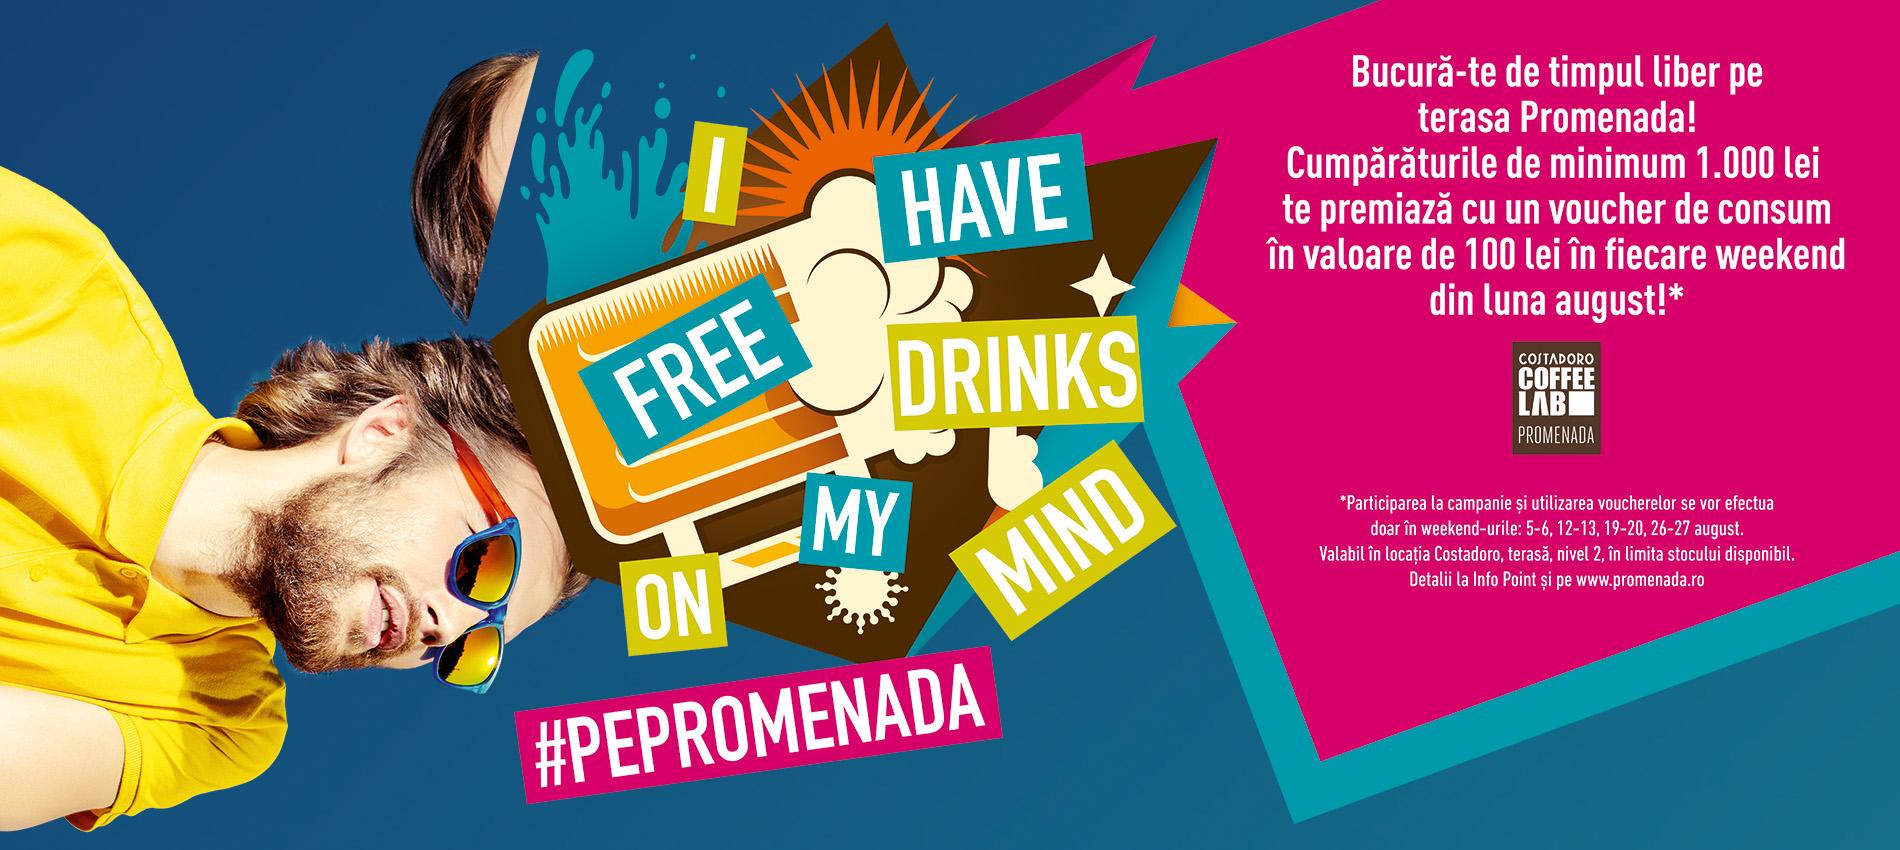 Decât caniculă, mai bine băuturi gratis #PePromenada